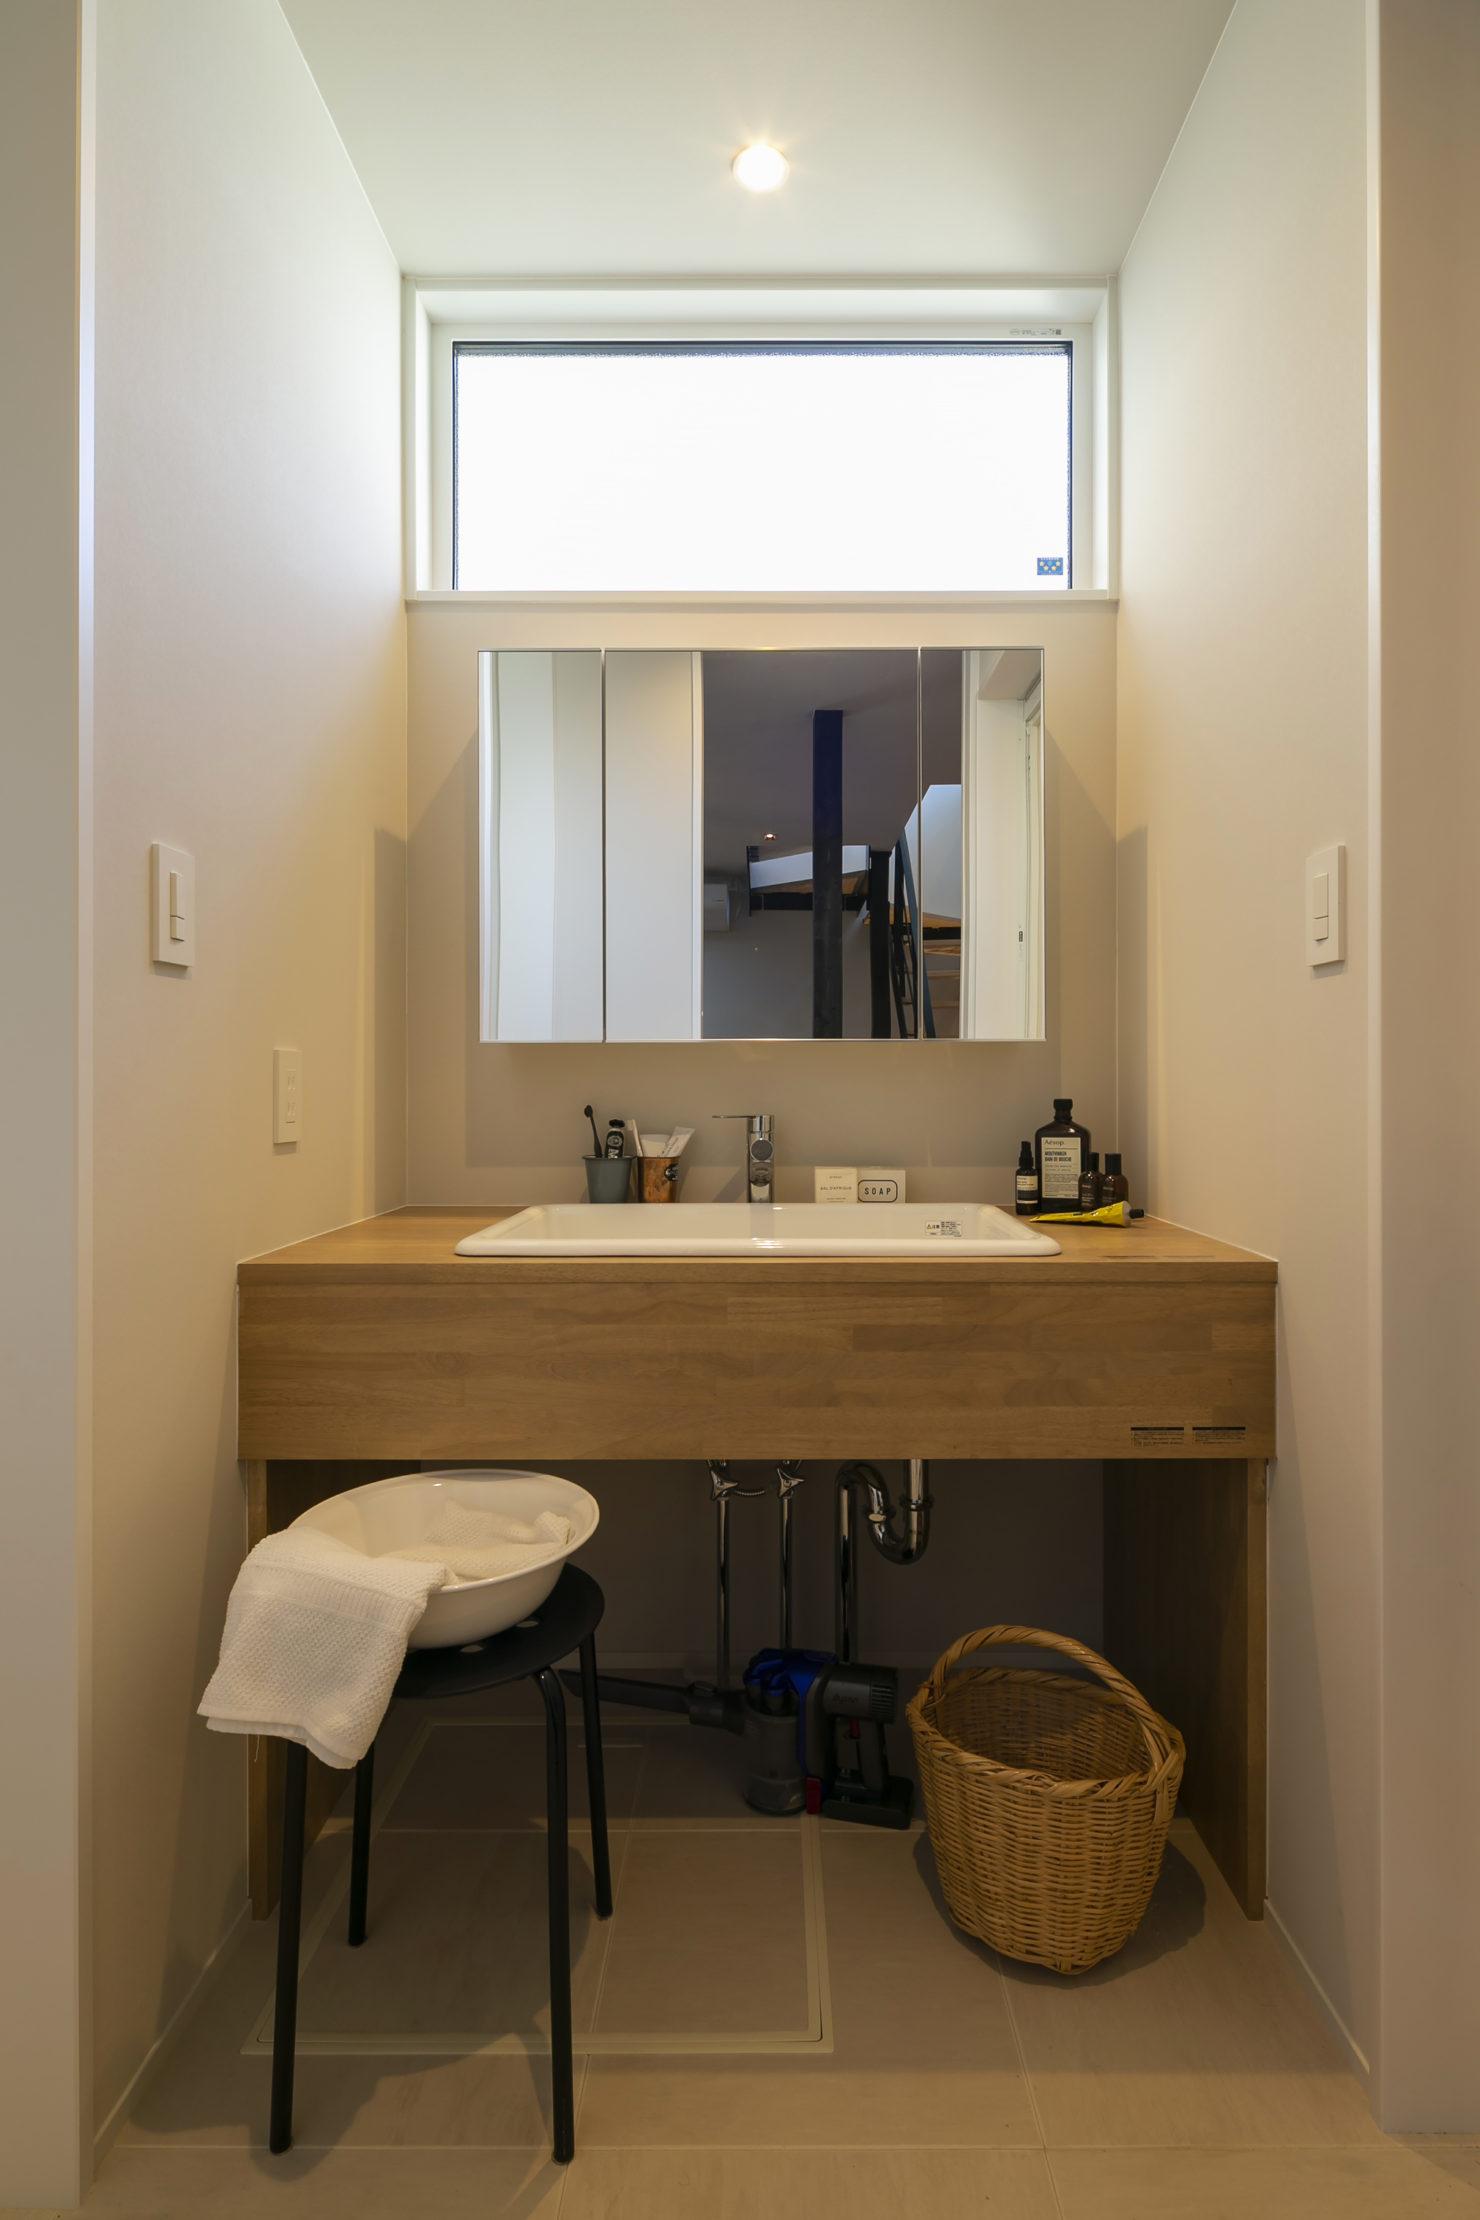 ハウスM21+archi「周囲と調和する個性的な住まい」洗面写真